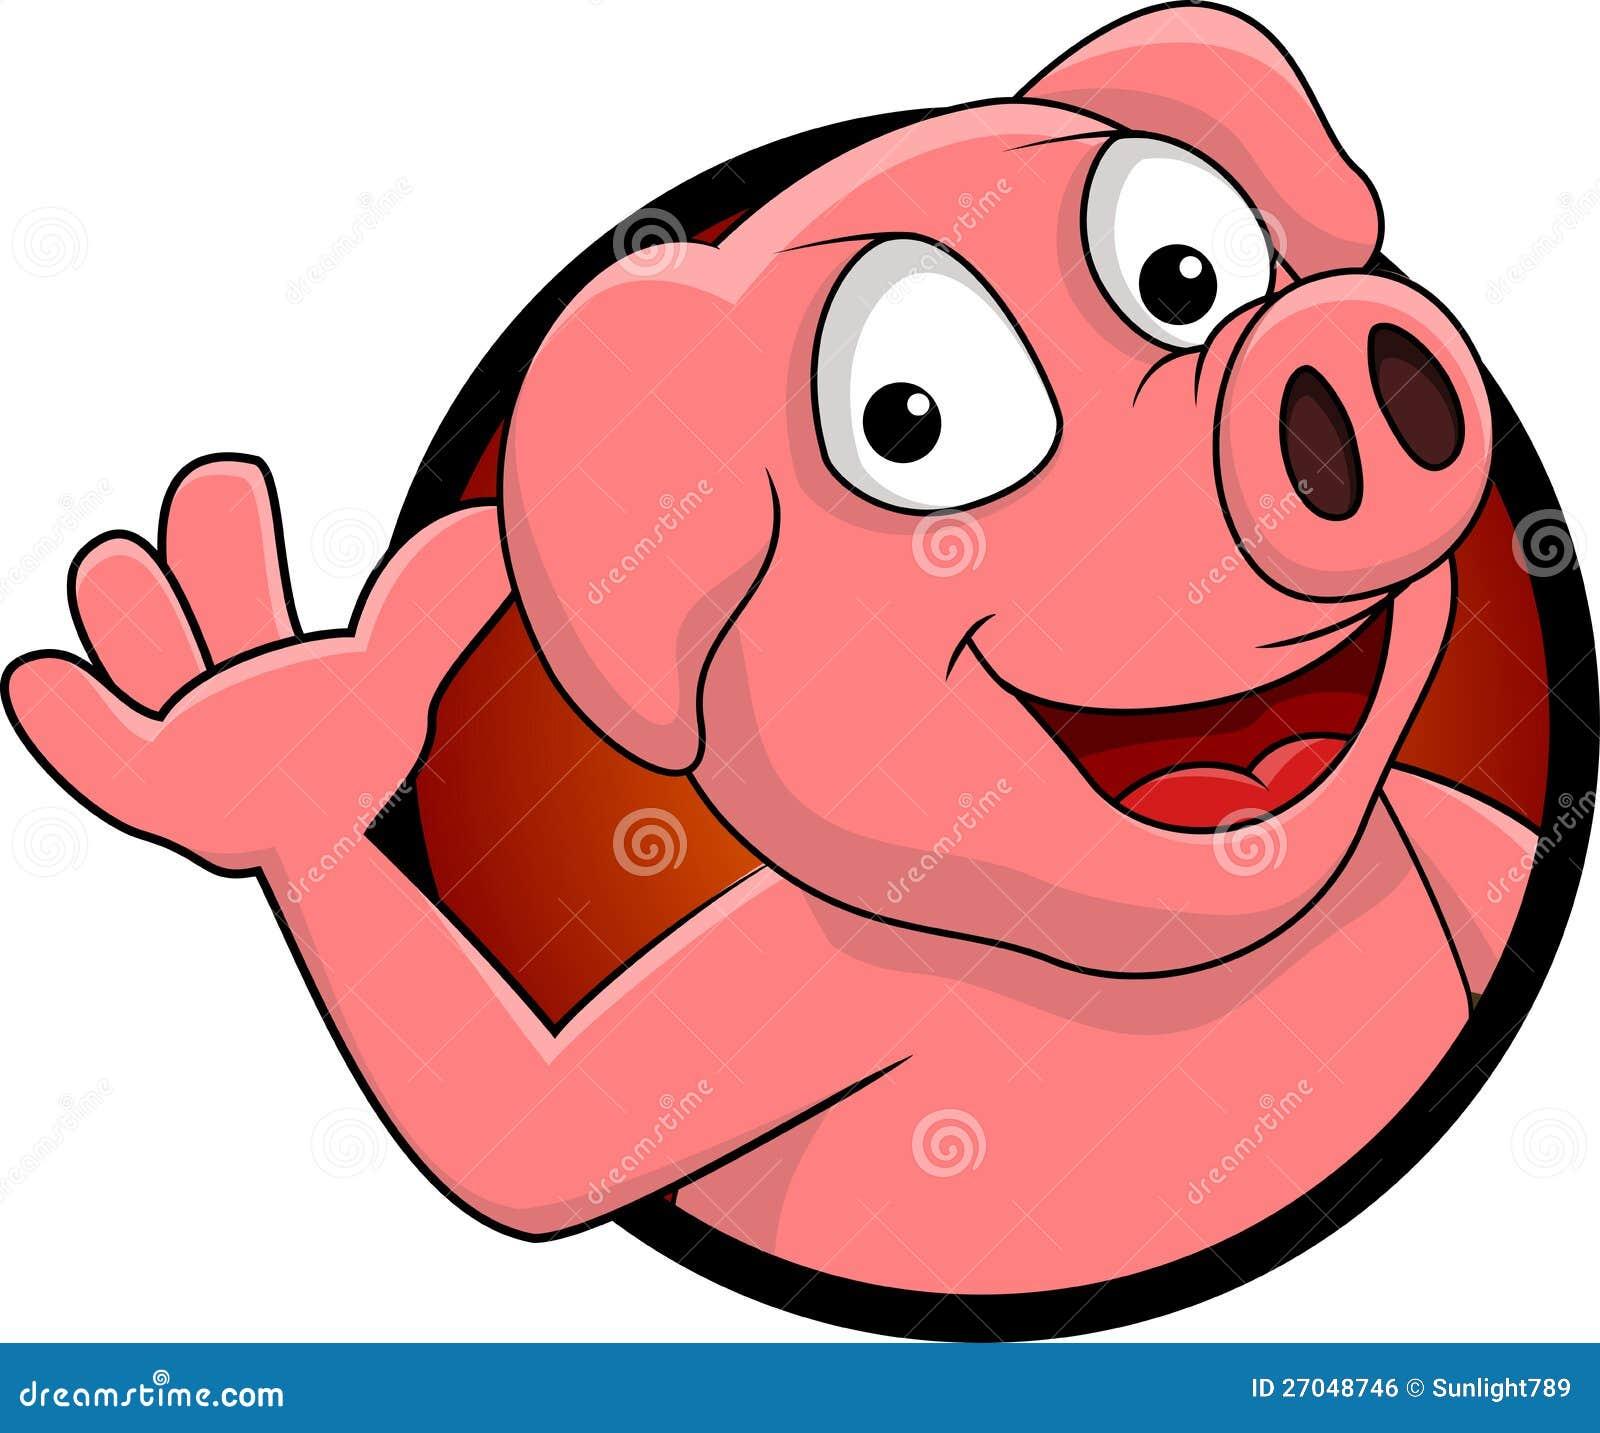 Happy cartoon pig gallery